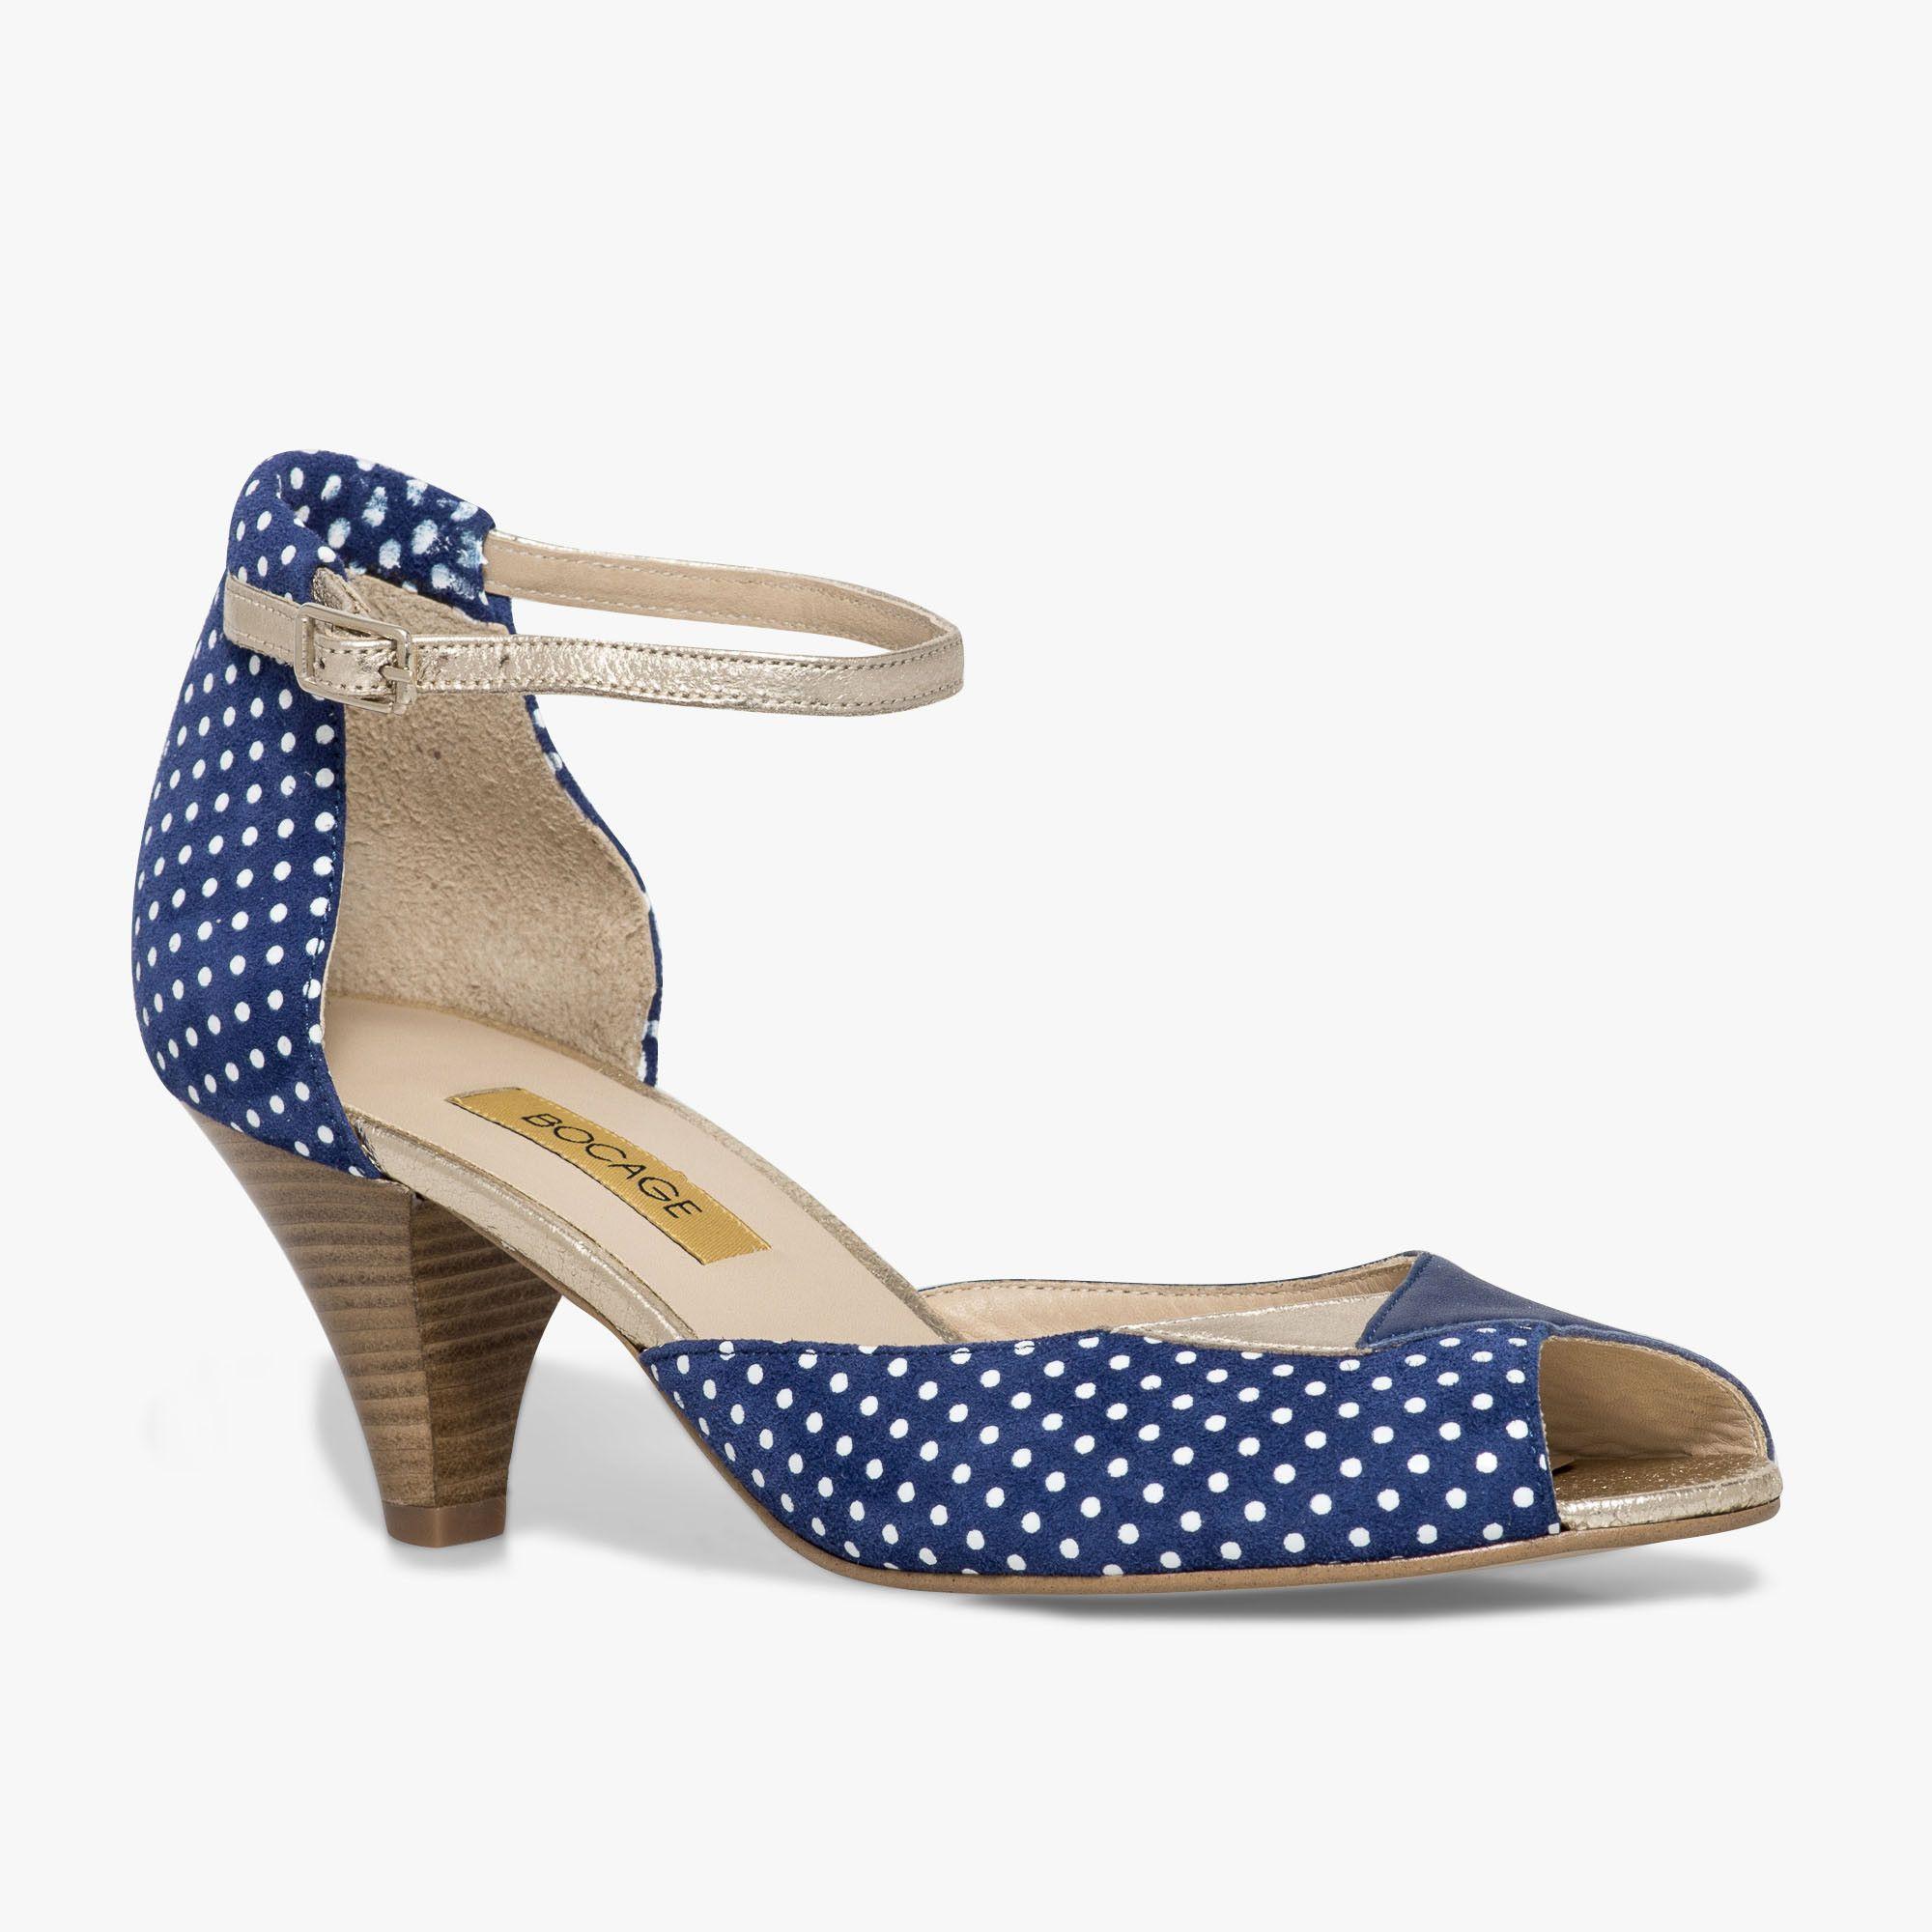 f06e7e7c0f7308 Escarpin bleu en cuir | Chaussures | Escarpin bleu, Escarpins et ...